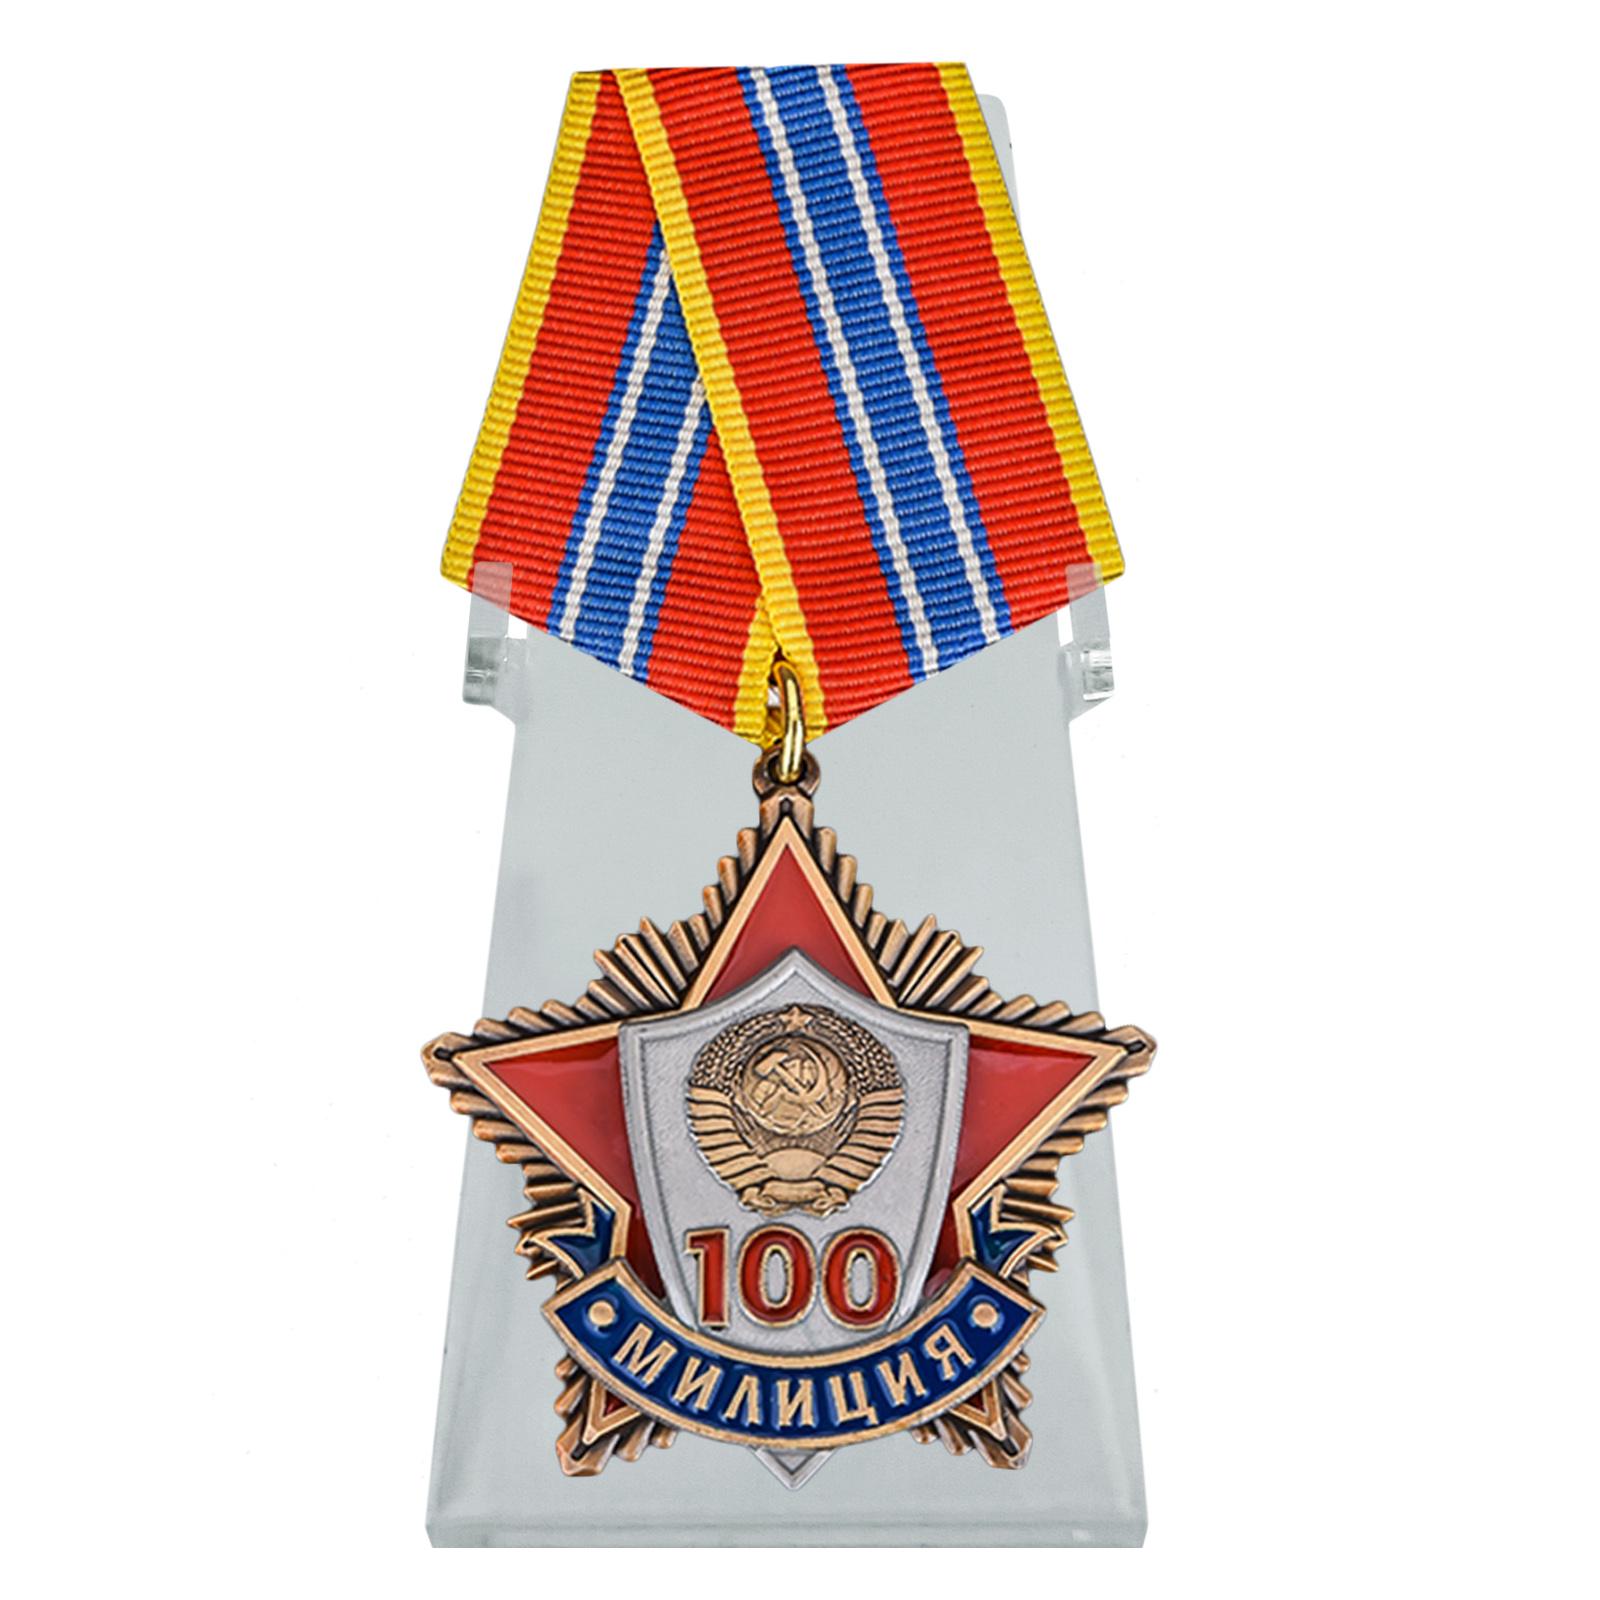 Медаль 100 лет милиции на подставке